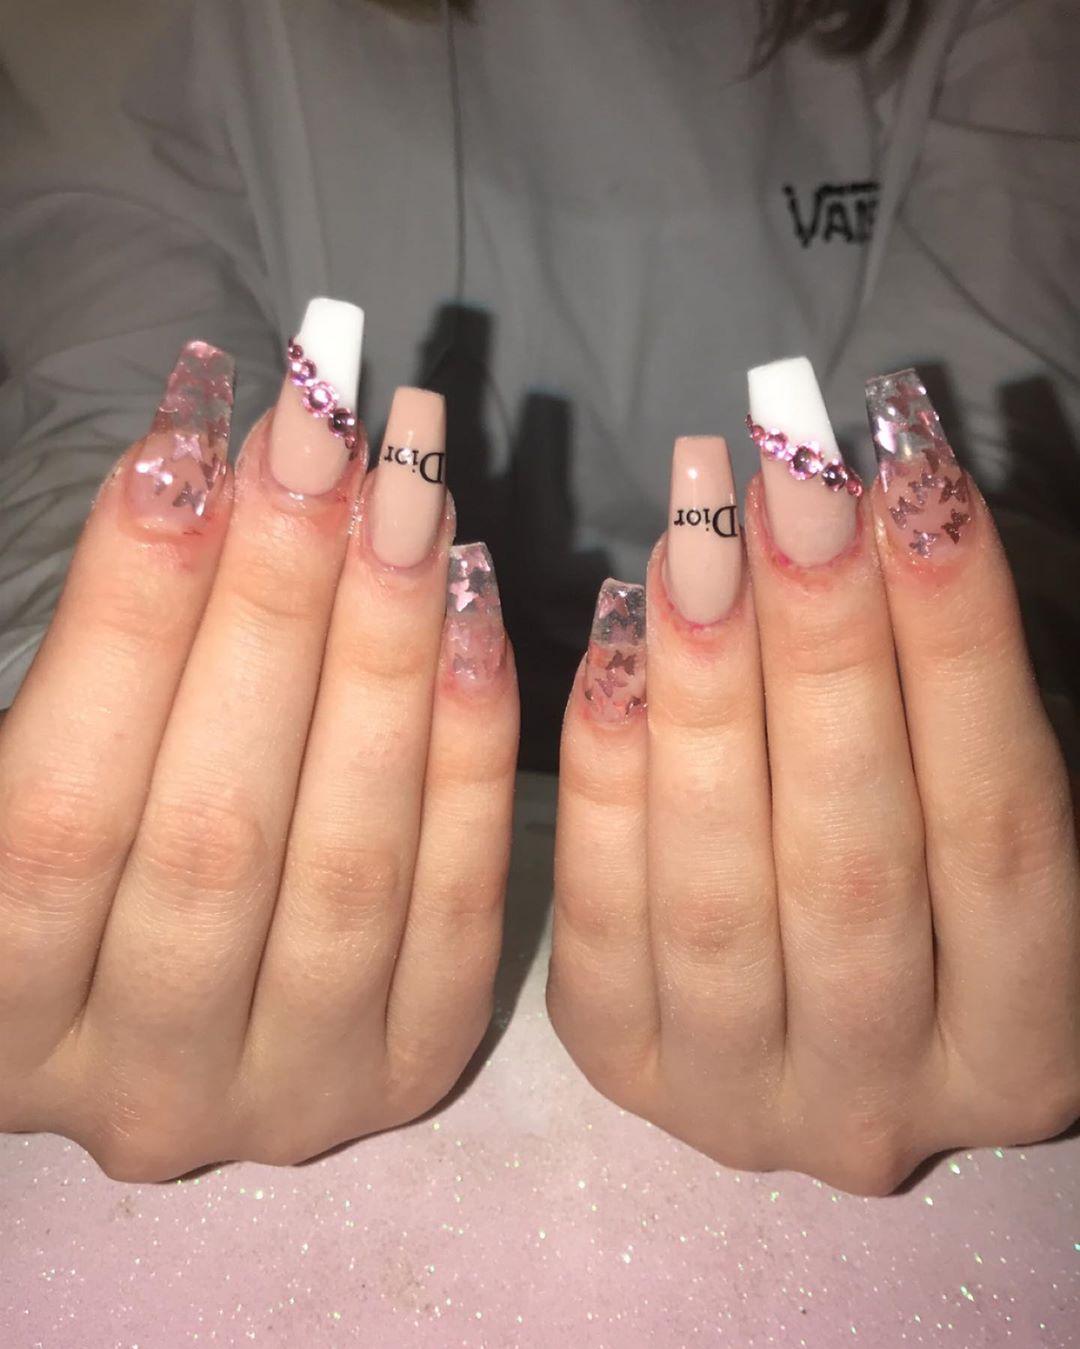 Christian Dior coffin nail designs